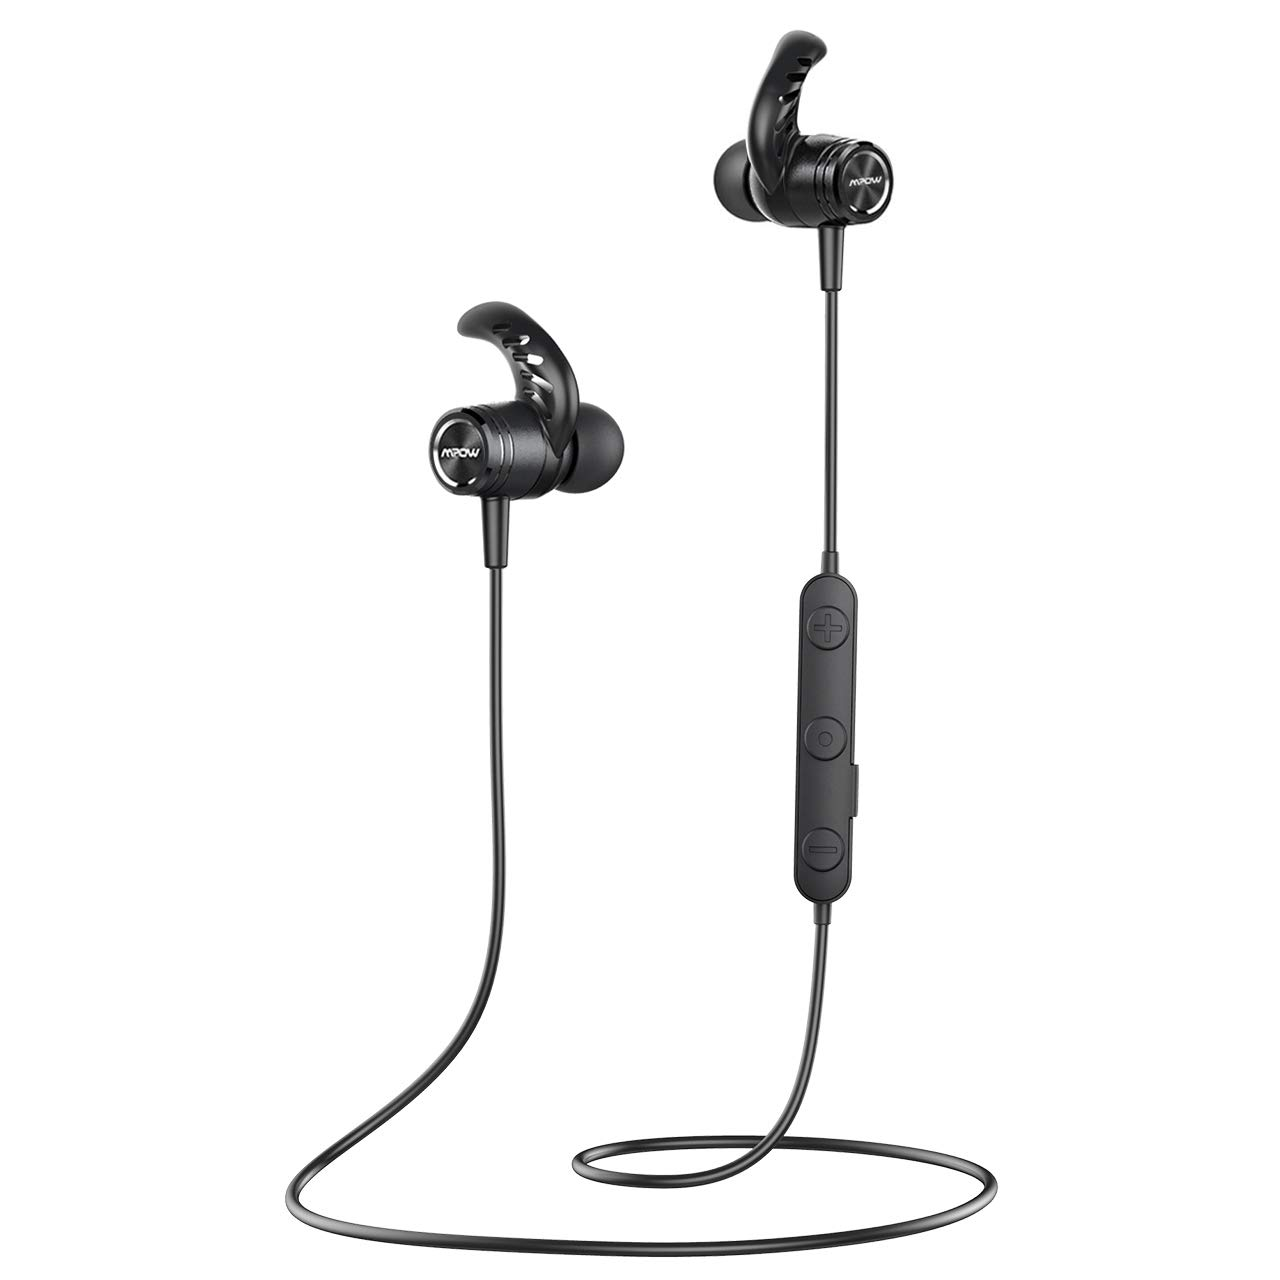 Mpow S10 Bluetooth Headphones Sport, IPX7 Waterproof Wireless Earbuds Sports W 9 Hrs Playtime,Hi-Fi HD Stereo Sound, Running Earbuds Headphones Wireless Magnetic Earphones In-Ear for Workouts, Black